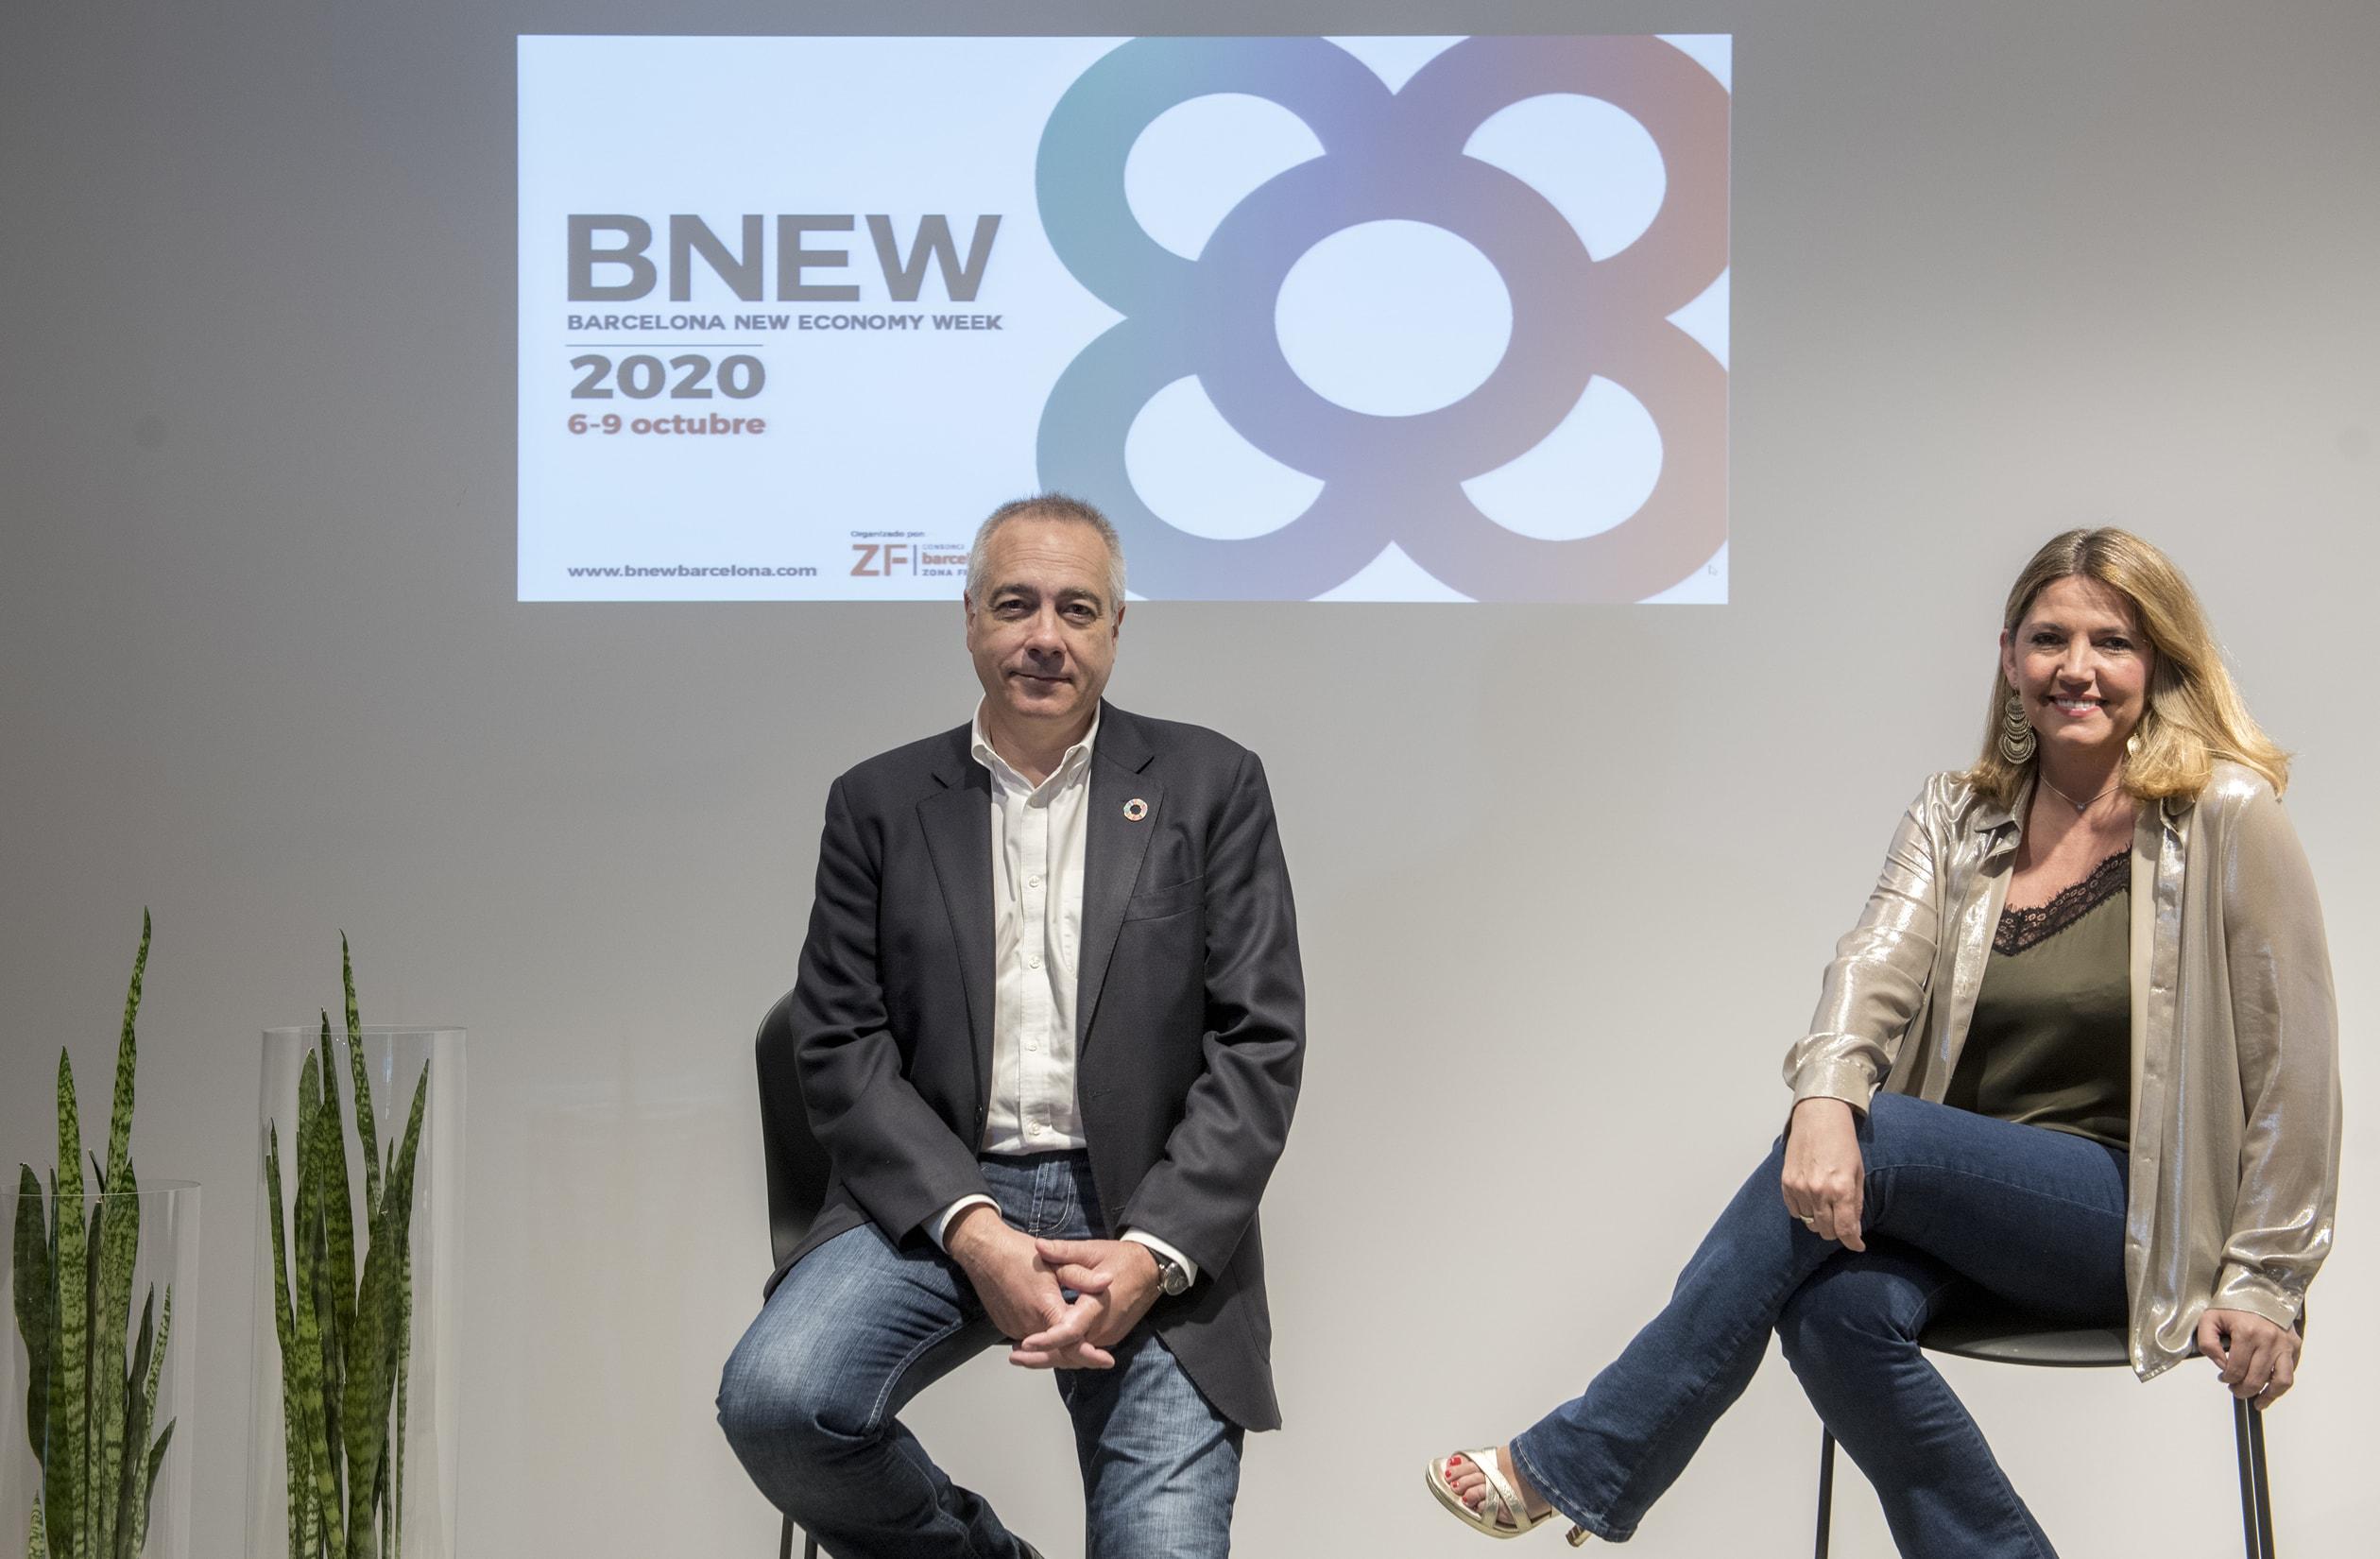 Arrenca BNEW, la primera gran cita per a la recuperació econòmica global